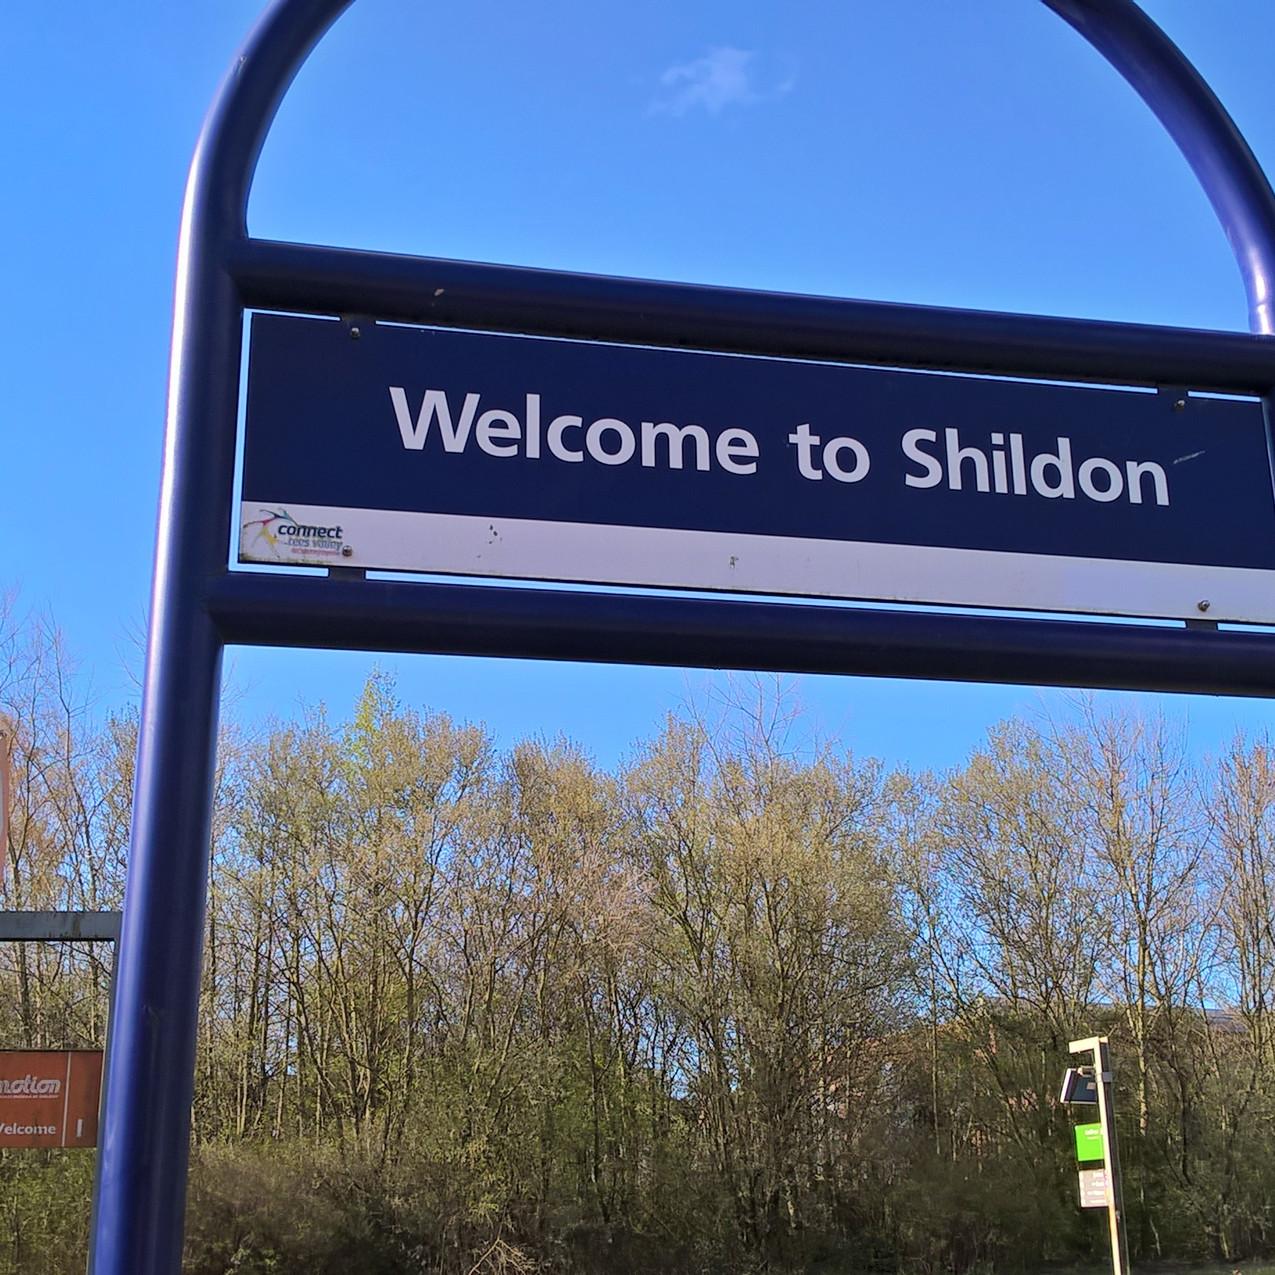 Welcome to Shildon